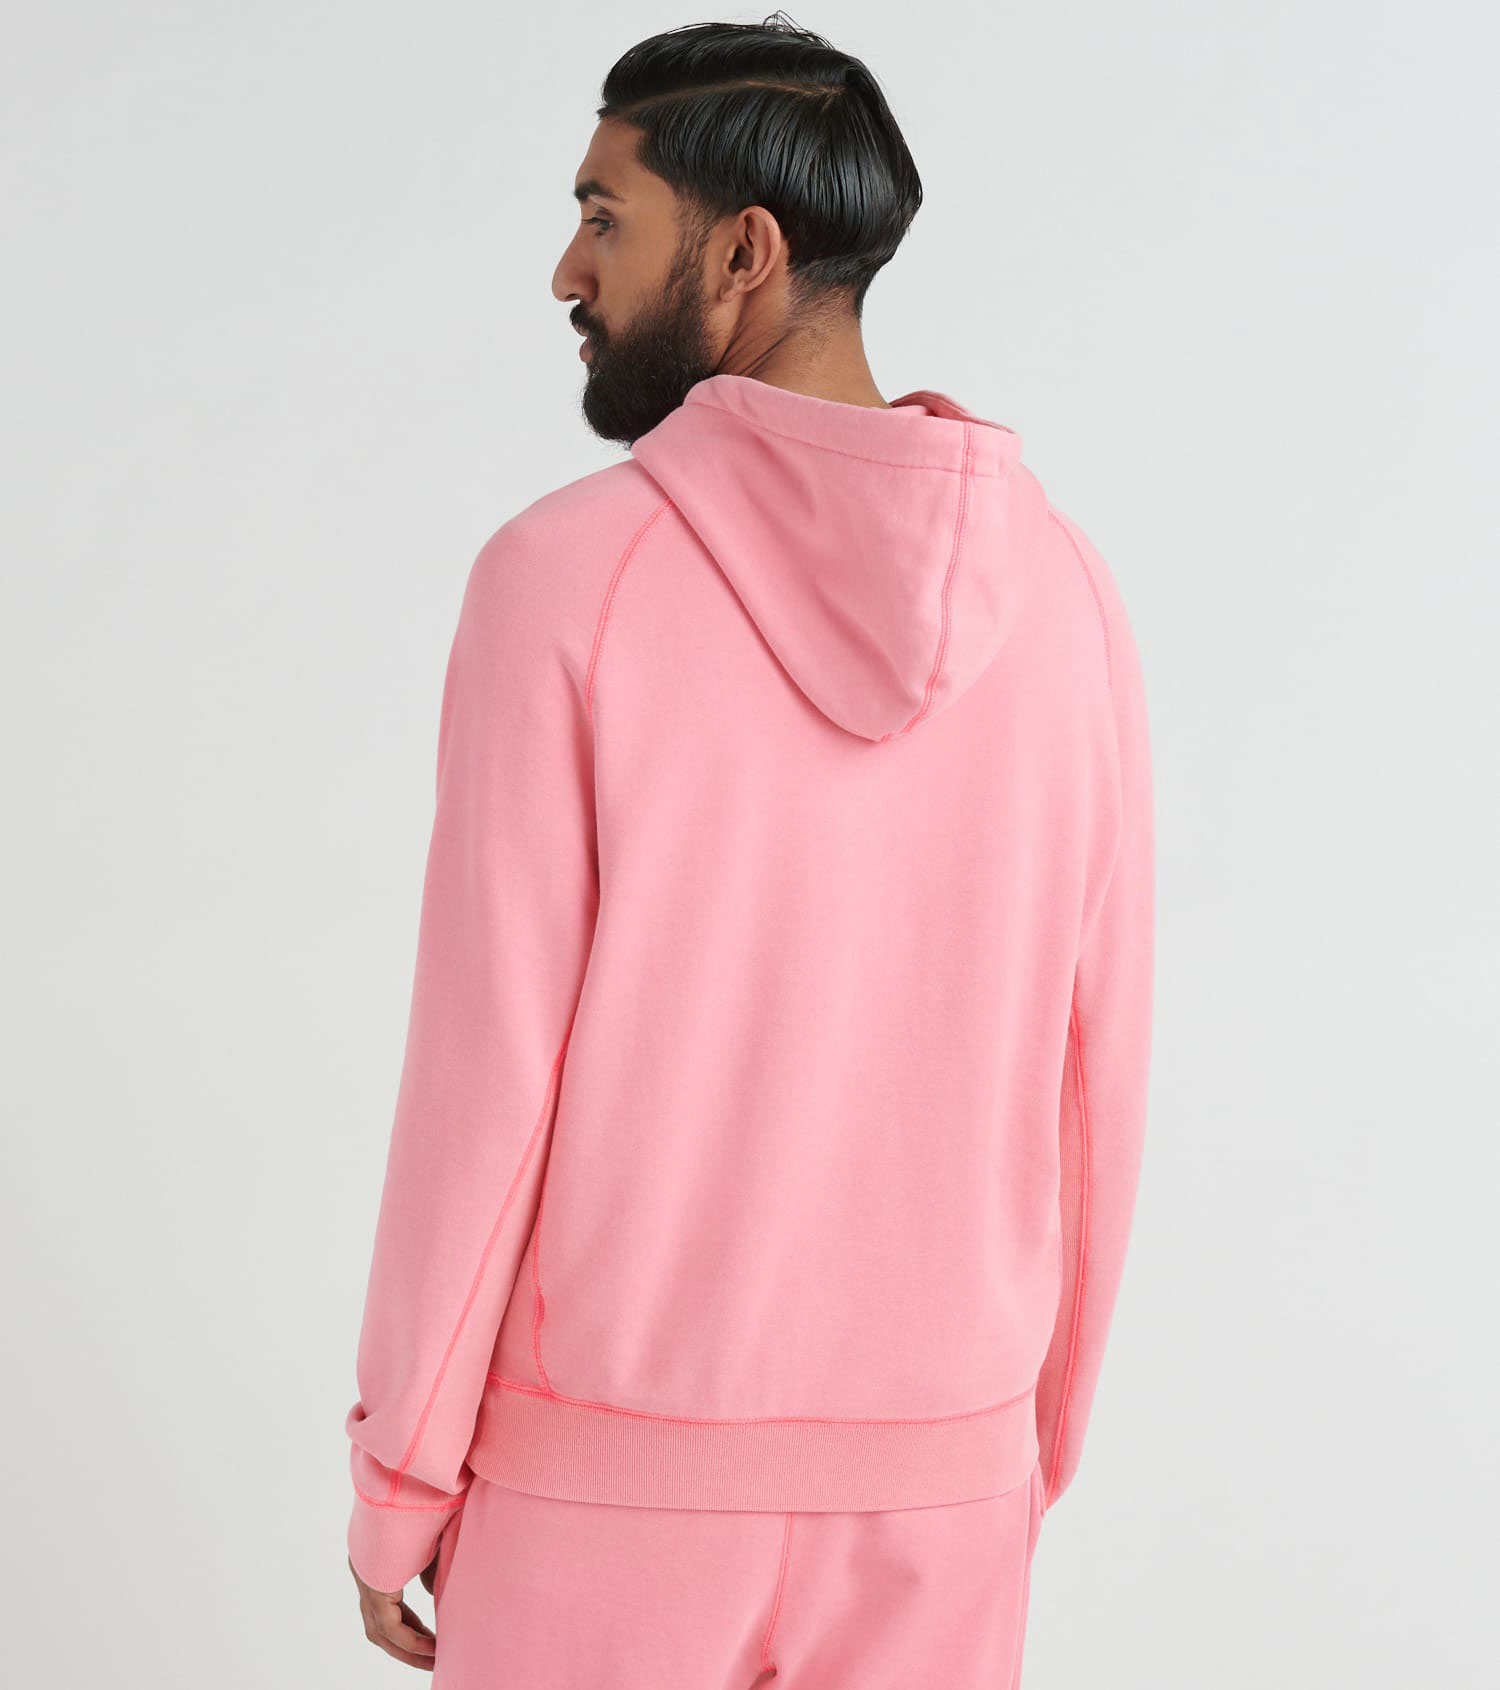 air-jordan-13-chinese-new-year-pink-hoodie-3